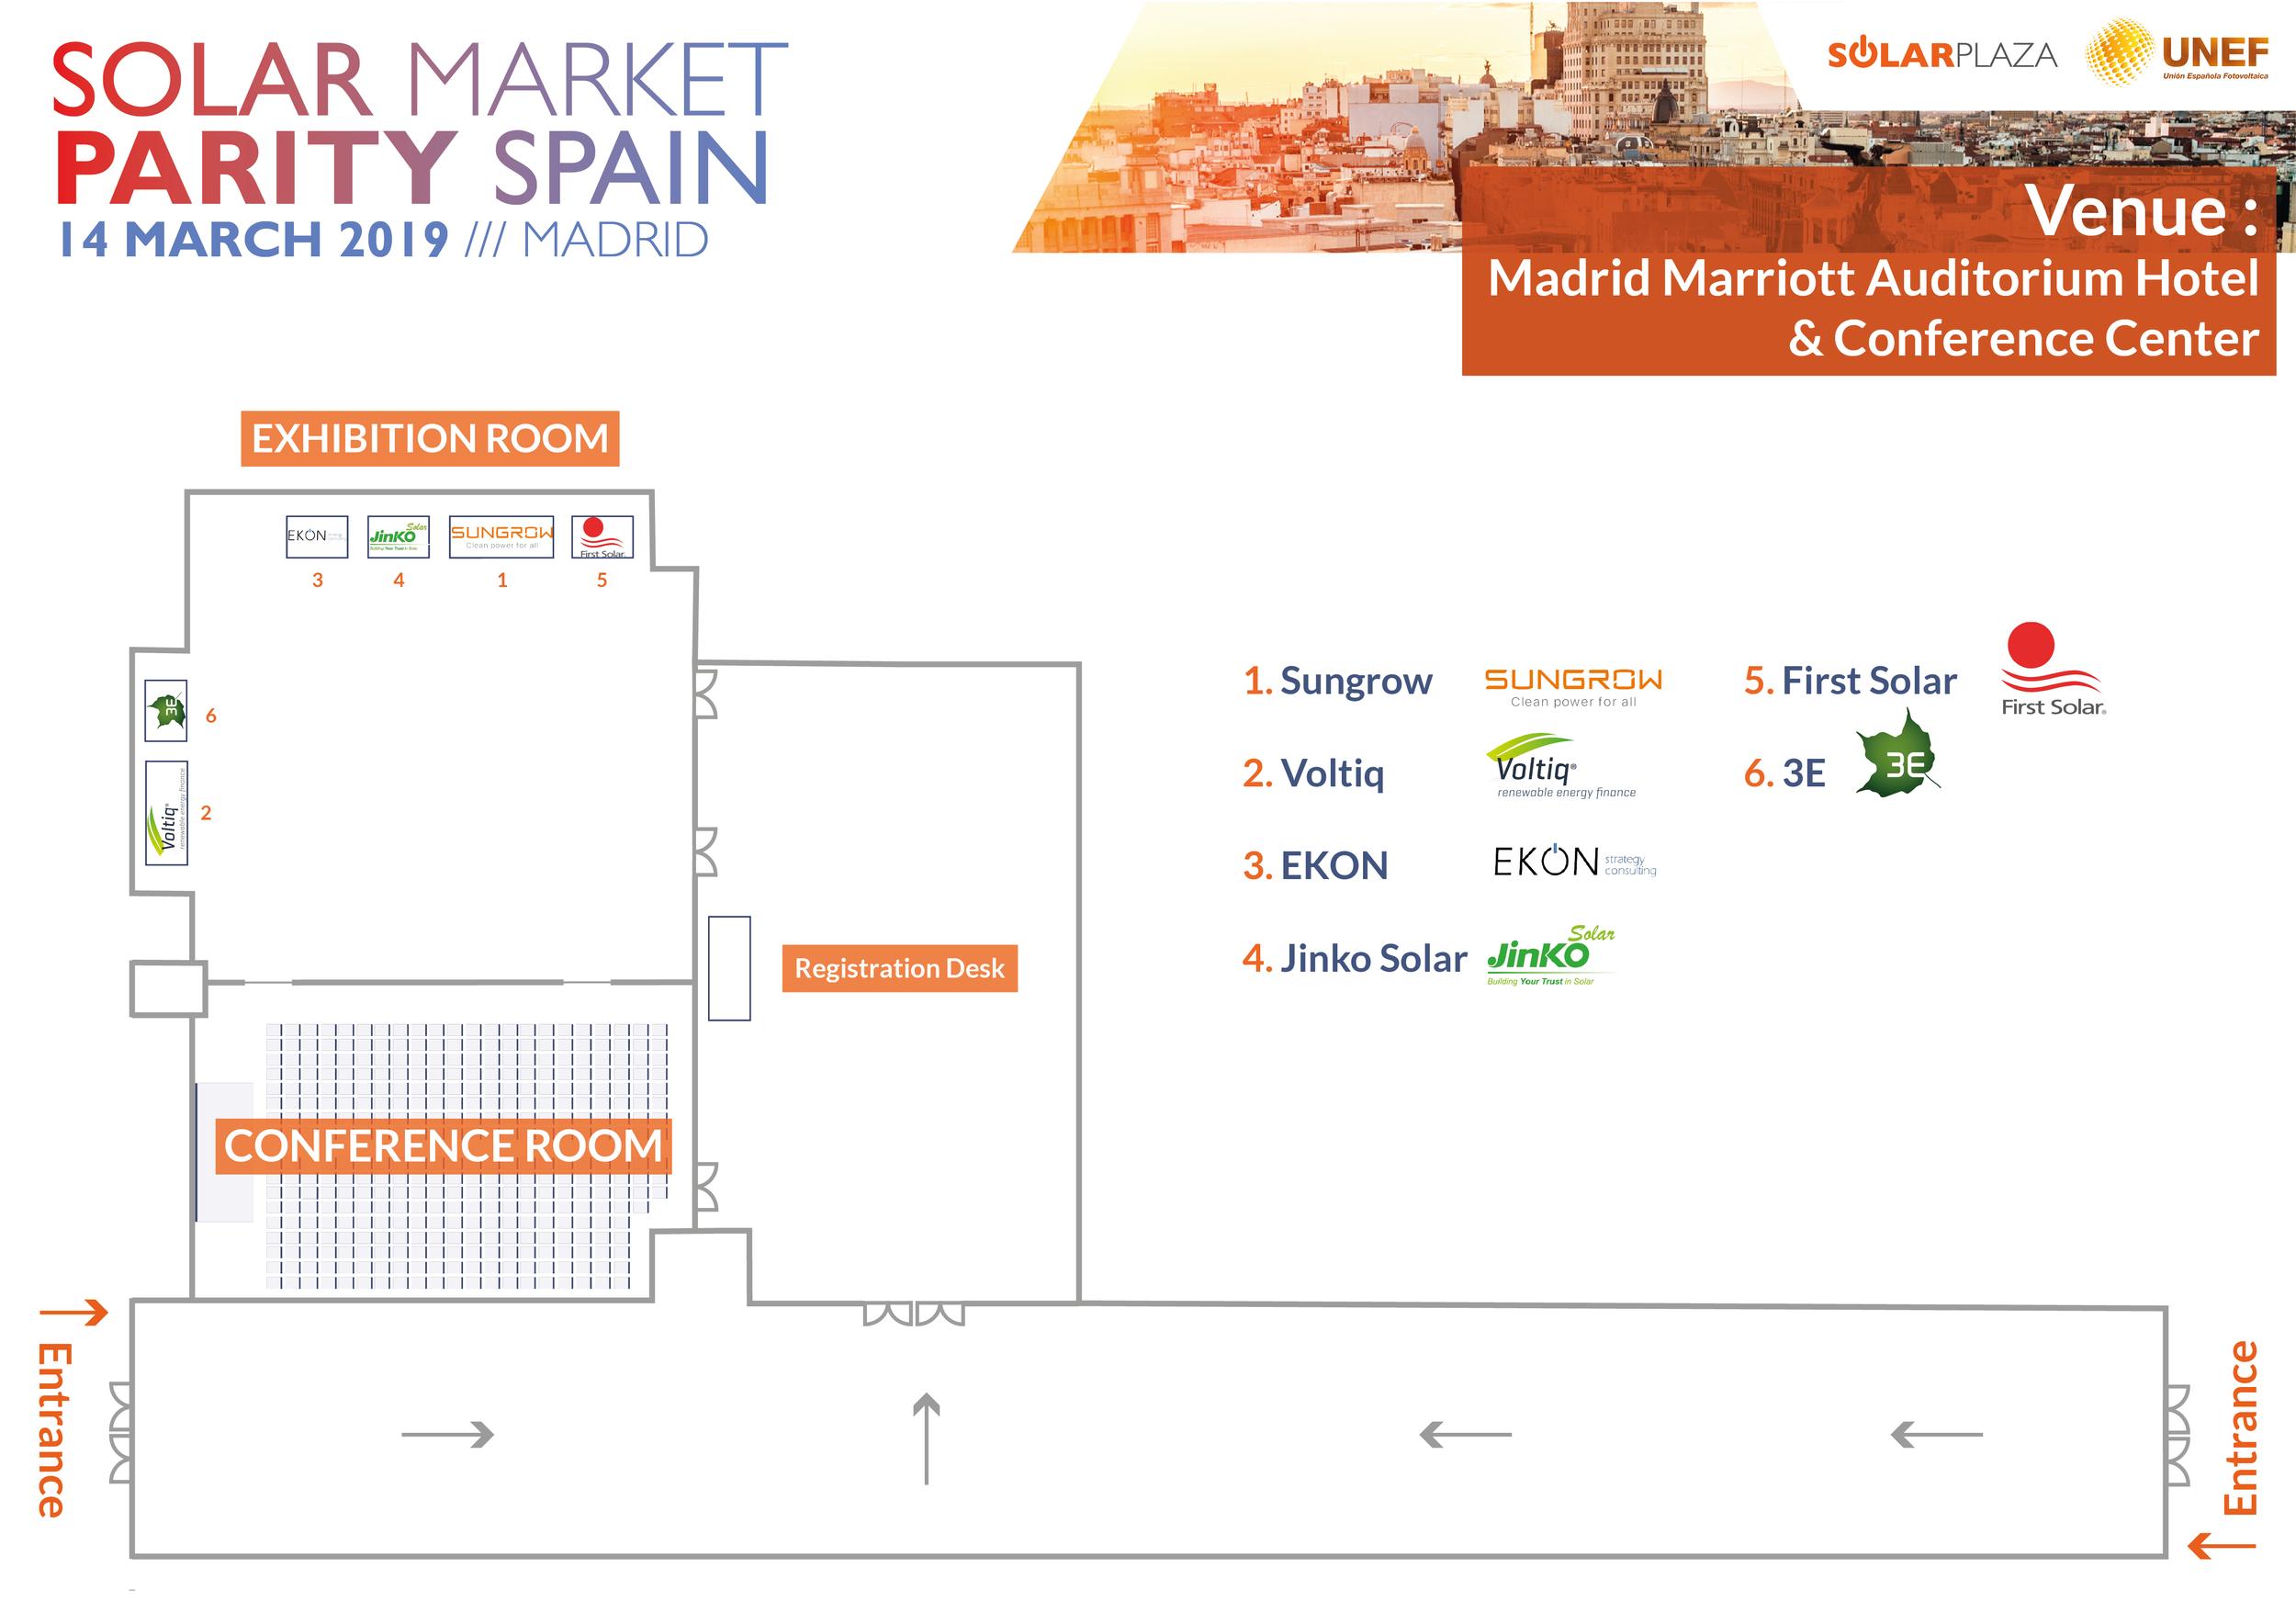 SMP Spain 19 - Floorplan 1.5.png